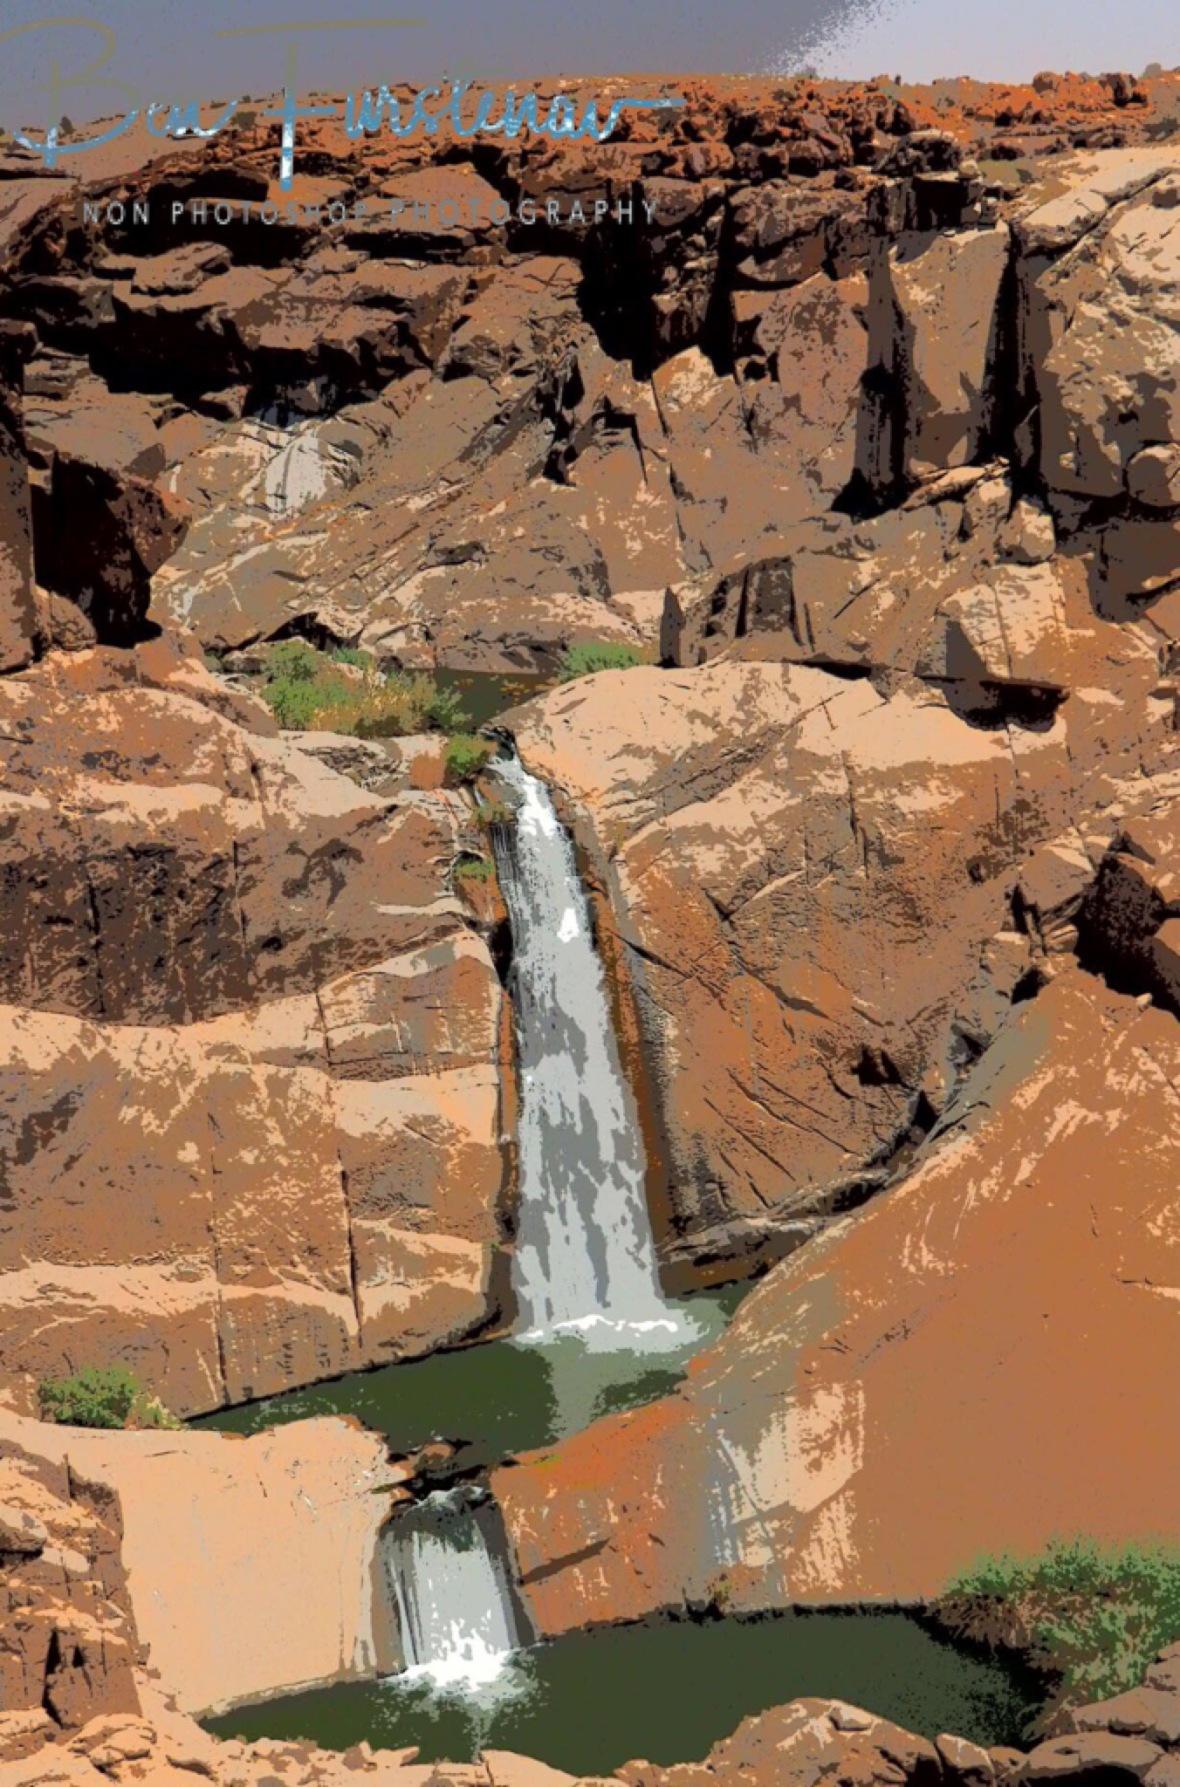 Painted desert, Augrabis Falls